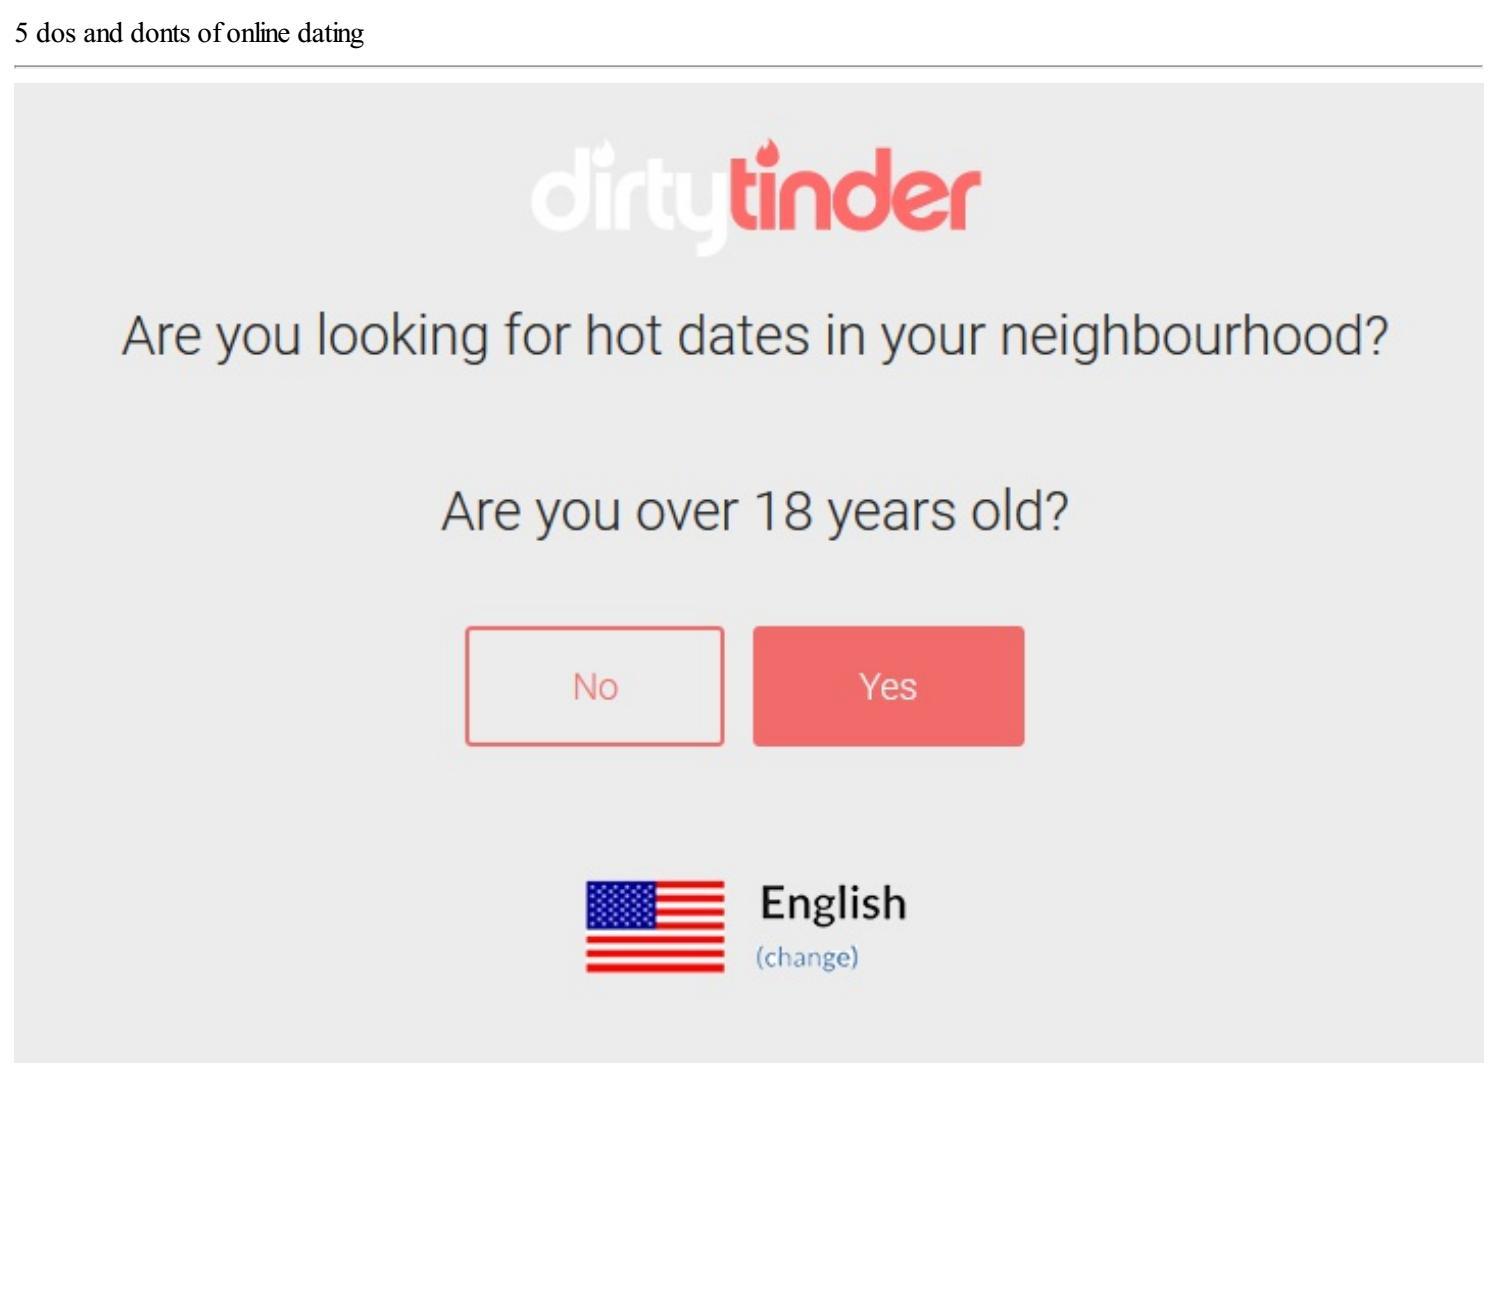 er online dating mer vellykket enn tradisjonelle dating